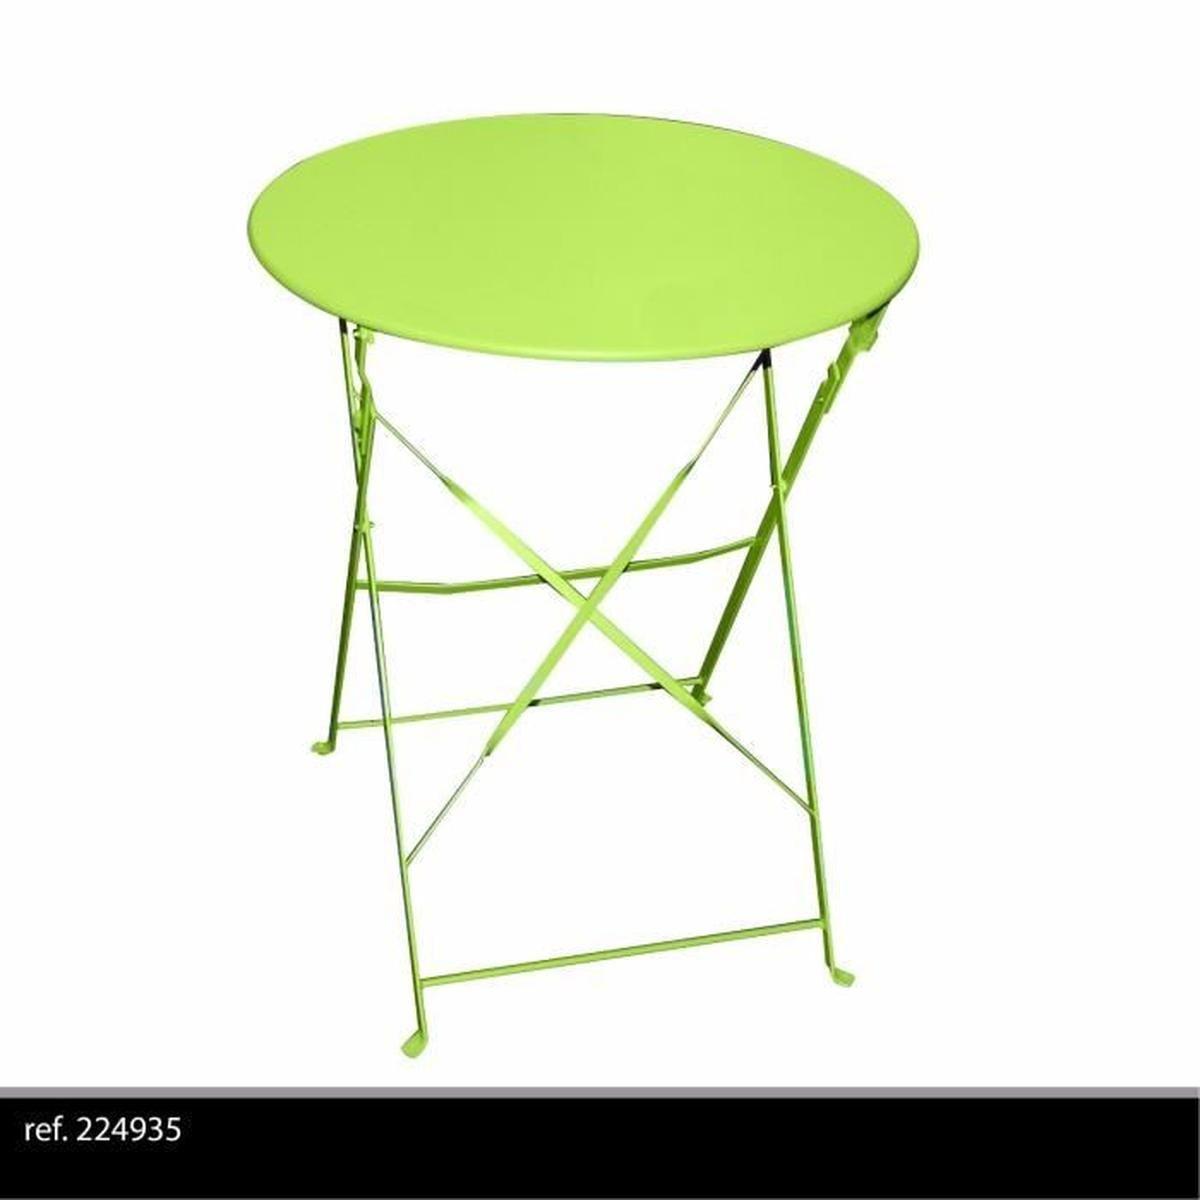 Table Ronde De Jardin En Metal Bistro Cafe Salon Pliante Verte Pliable  Exterieur dedans Table Ronde Jardin Pas Cher